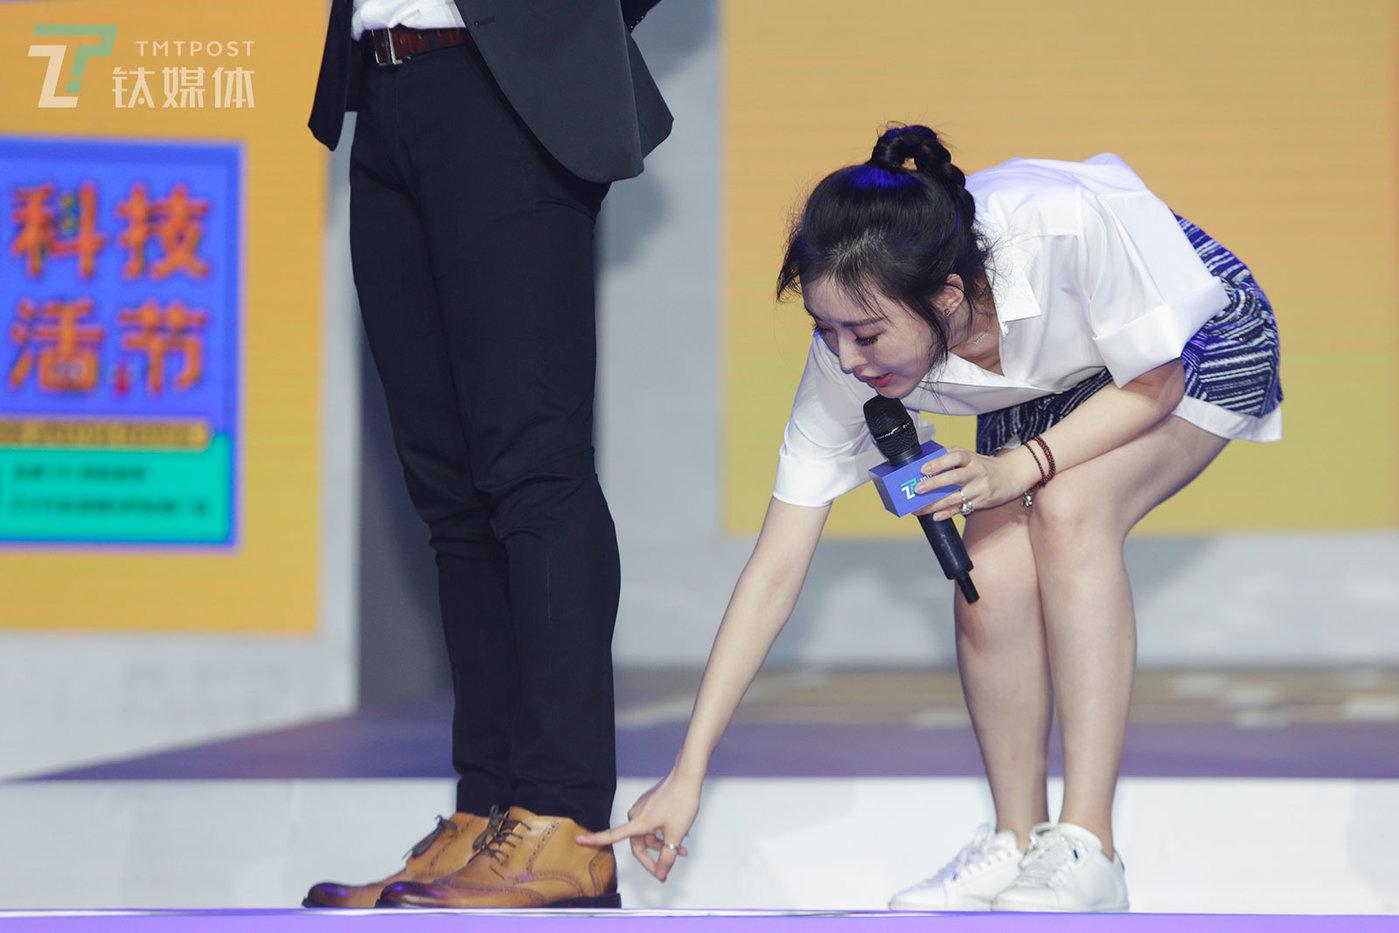 7月29日,2018钛媒体T-EDGE科技生活节,承礼学院创始人田朴珺现场点评男主持人的穿搭。